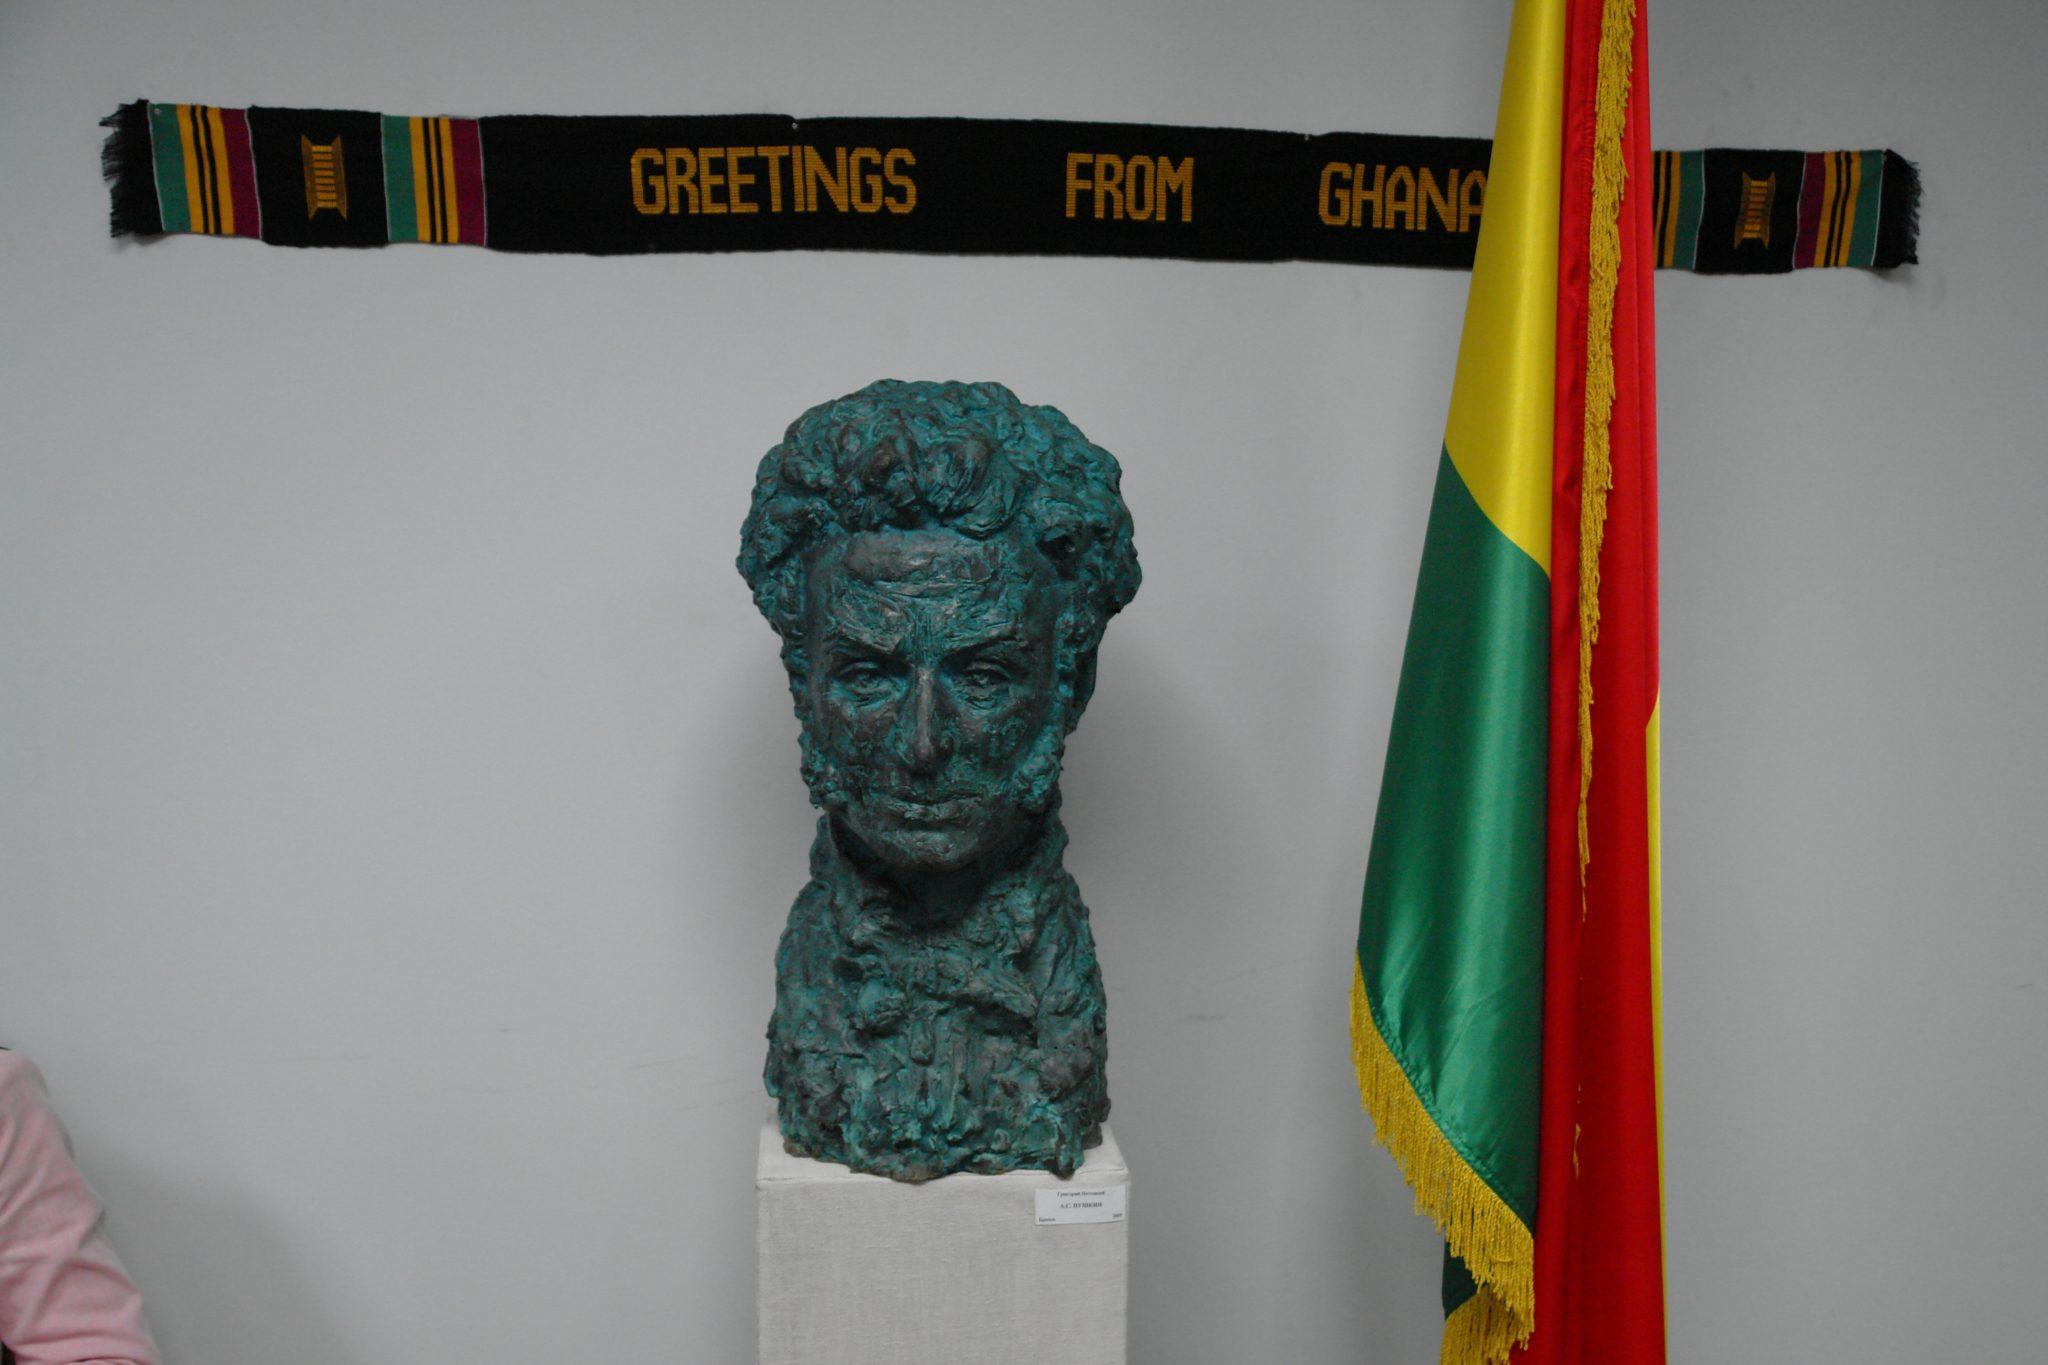 памятник Пушкина для Республики Гана